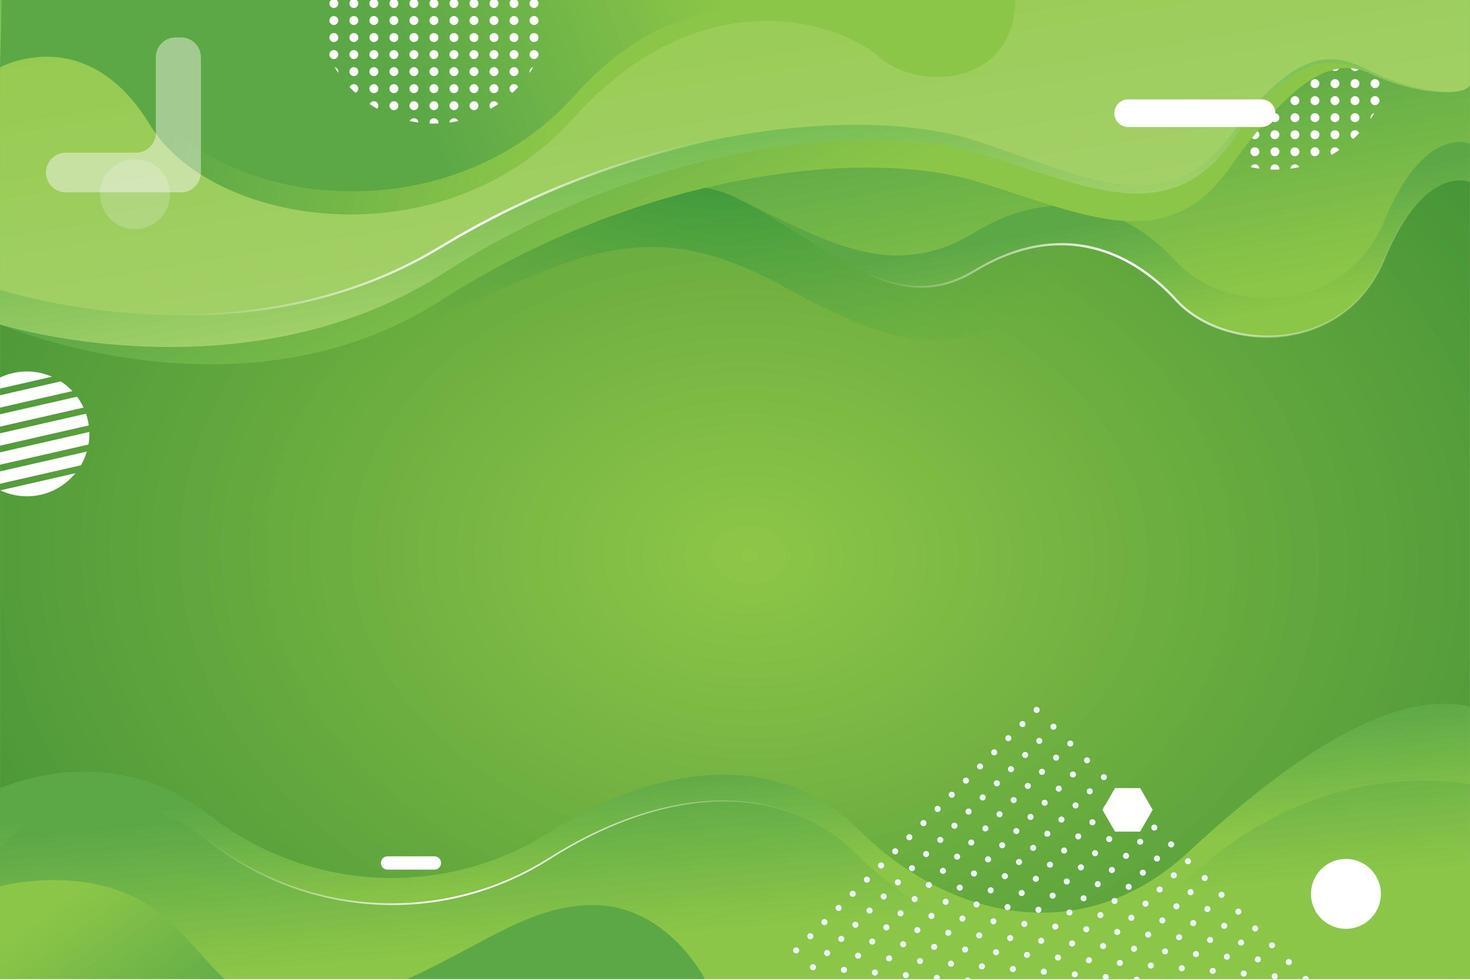 fond vert avec des vagues dégradées vecteur